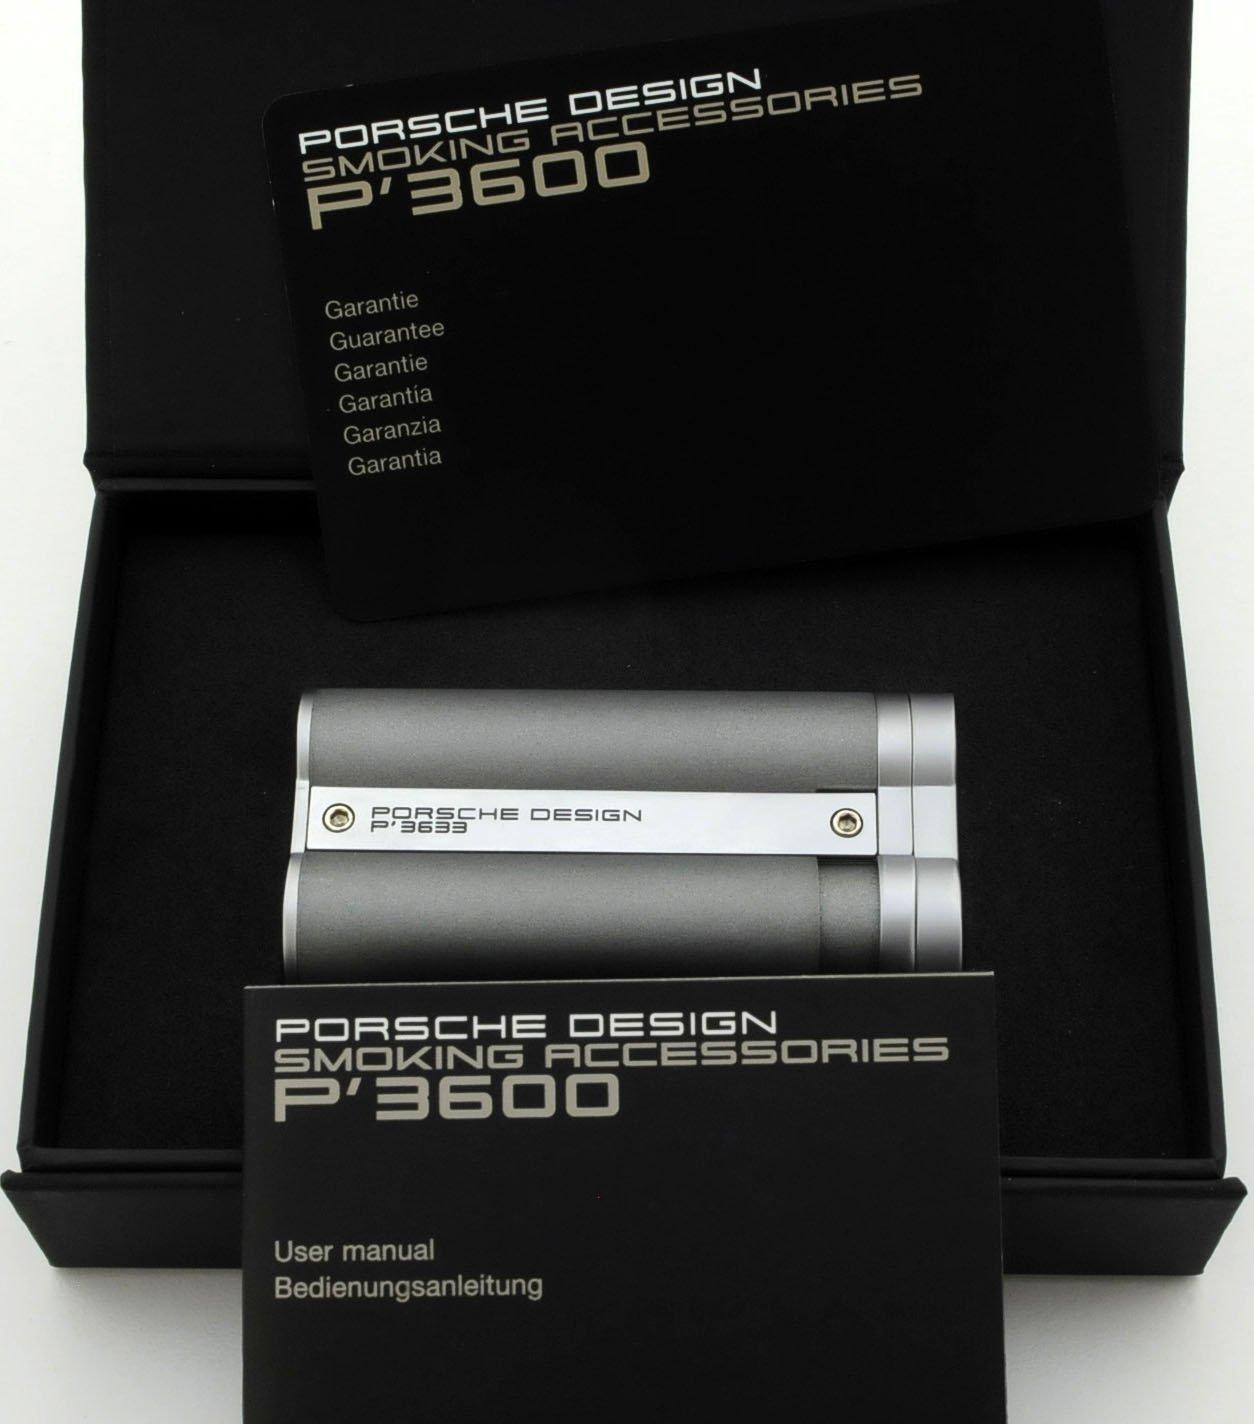 Porsche Design Küchengeräte: Namen